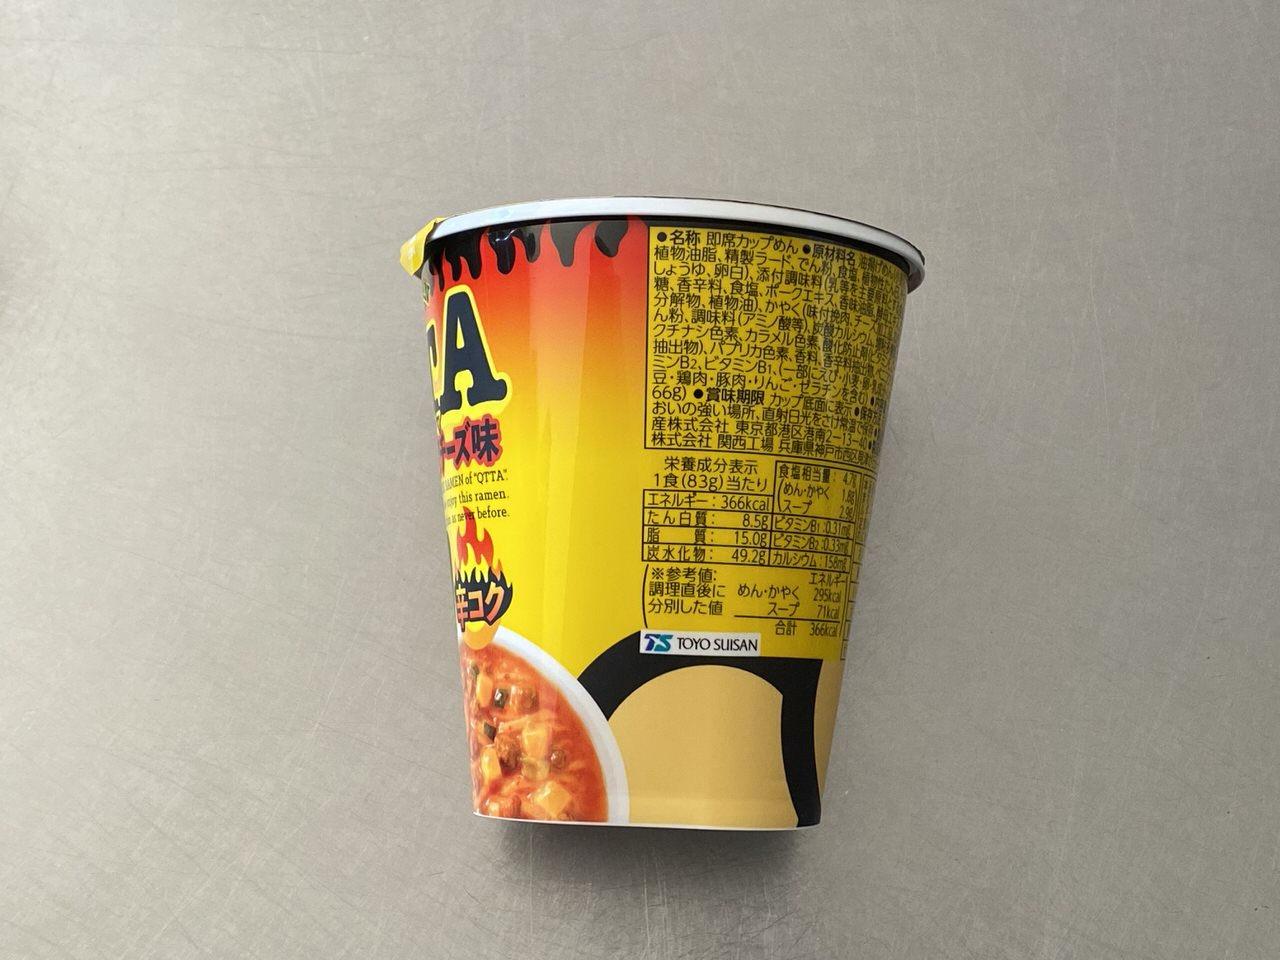 「QTTA(クッタ) エクストラホット チーズ味」7